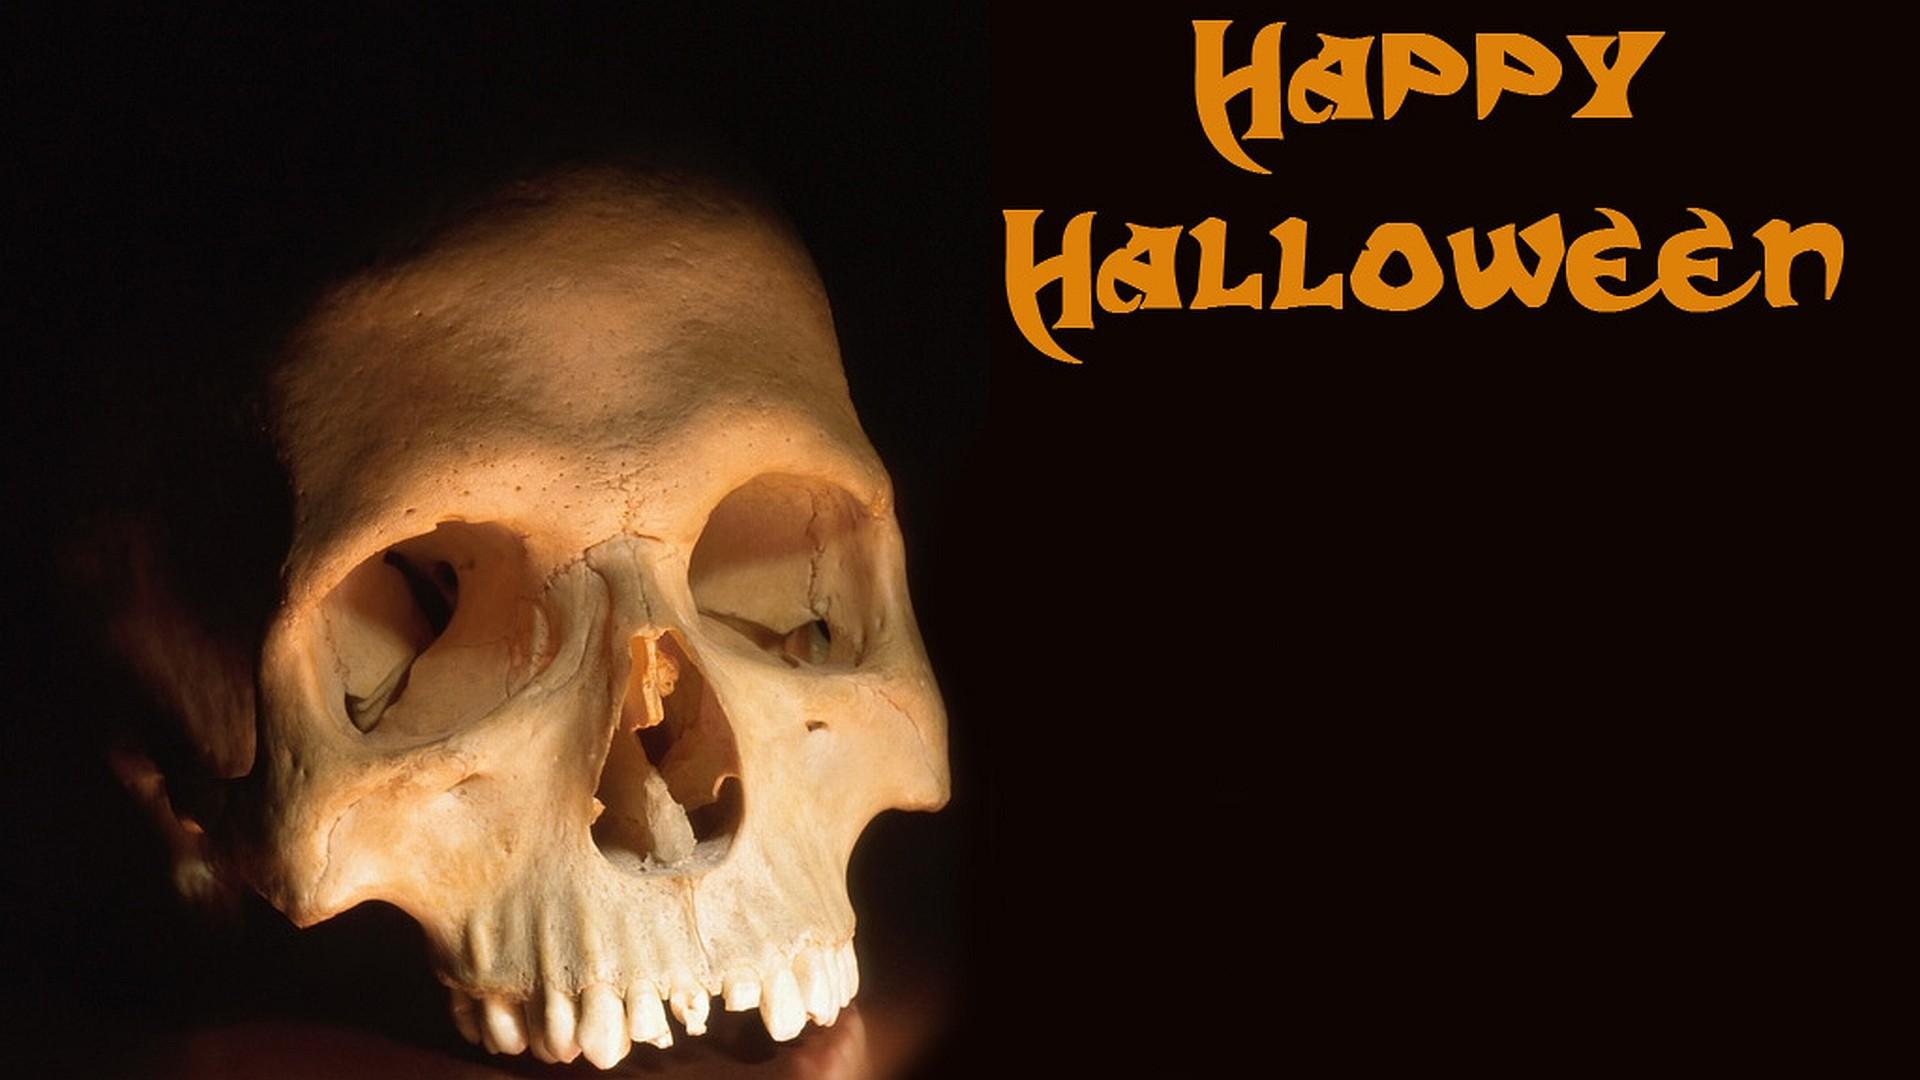 … Smartphone · Halloween 1080p Wallpaper